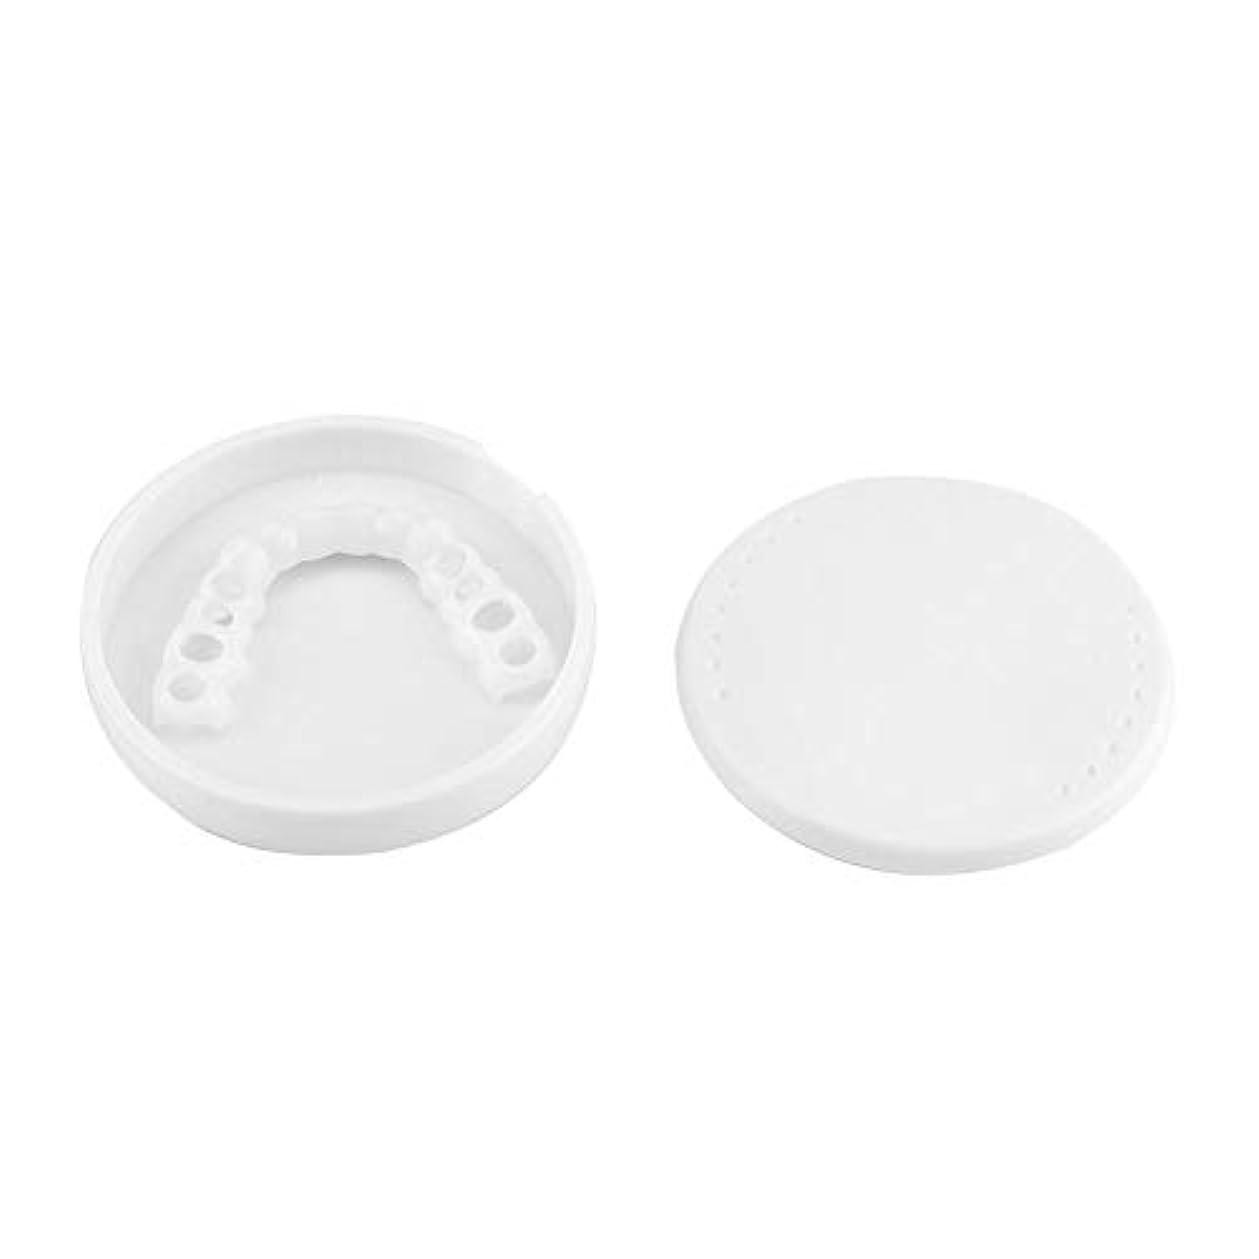 魅力的ハッピーおそらくSalinr インスタント 完璧なベニヤの歯スナップキャップを白く 一時的な化粧品歯義 歯化粧品シミュレーション 白くする歯カバー フィットフレックス歯ベニア上の歯+下歯のセット